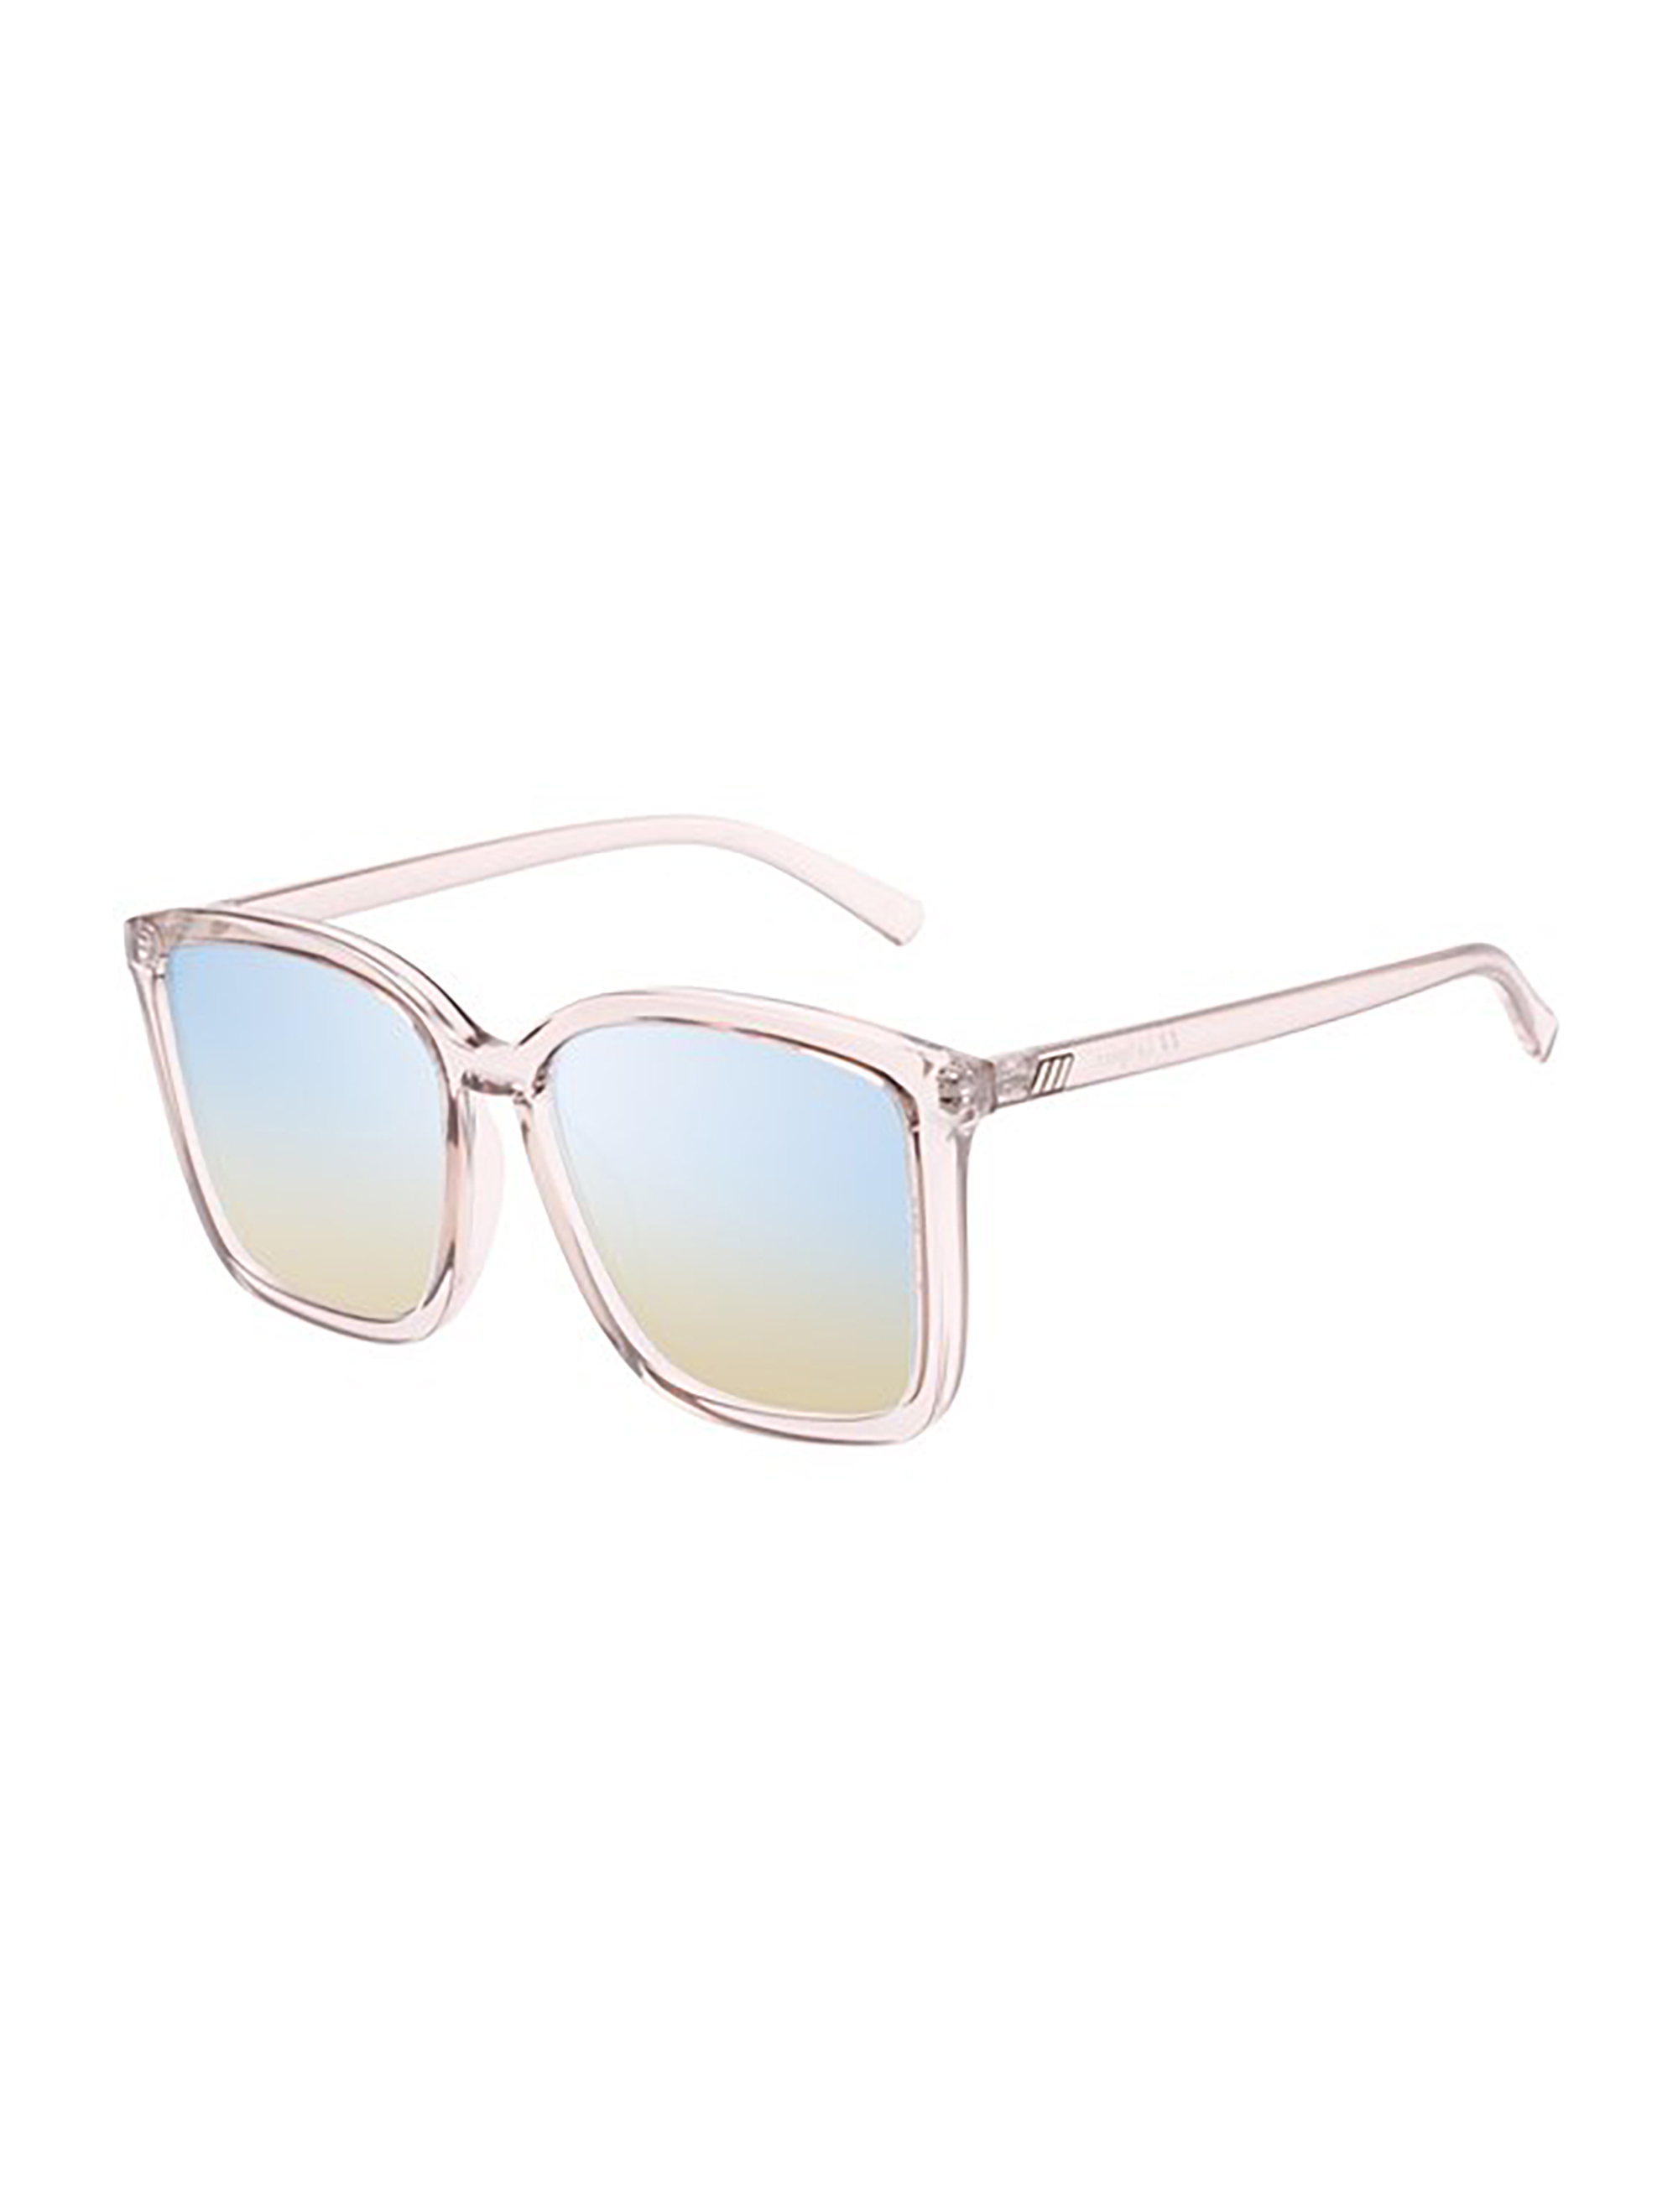 Picture of Le Specs | It Aint Baroque Sunglasses